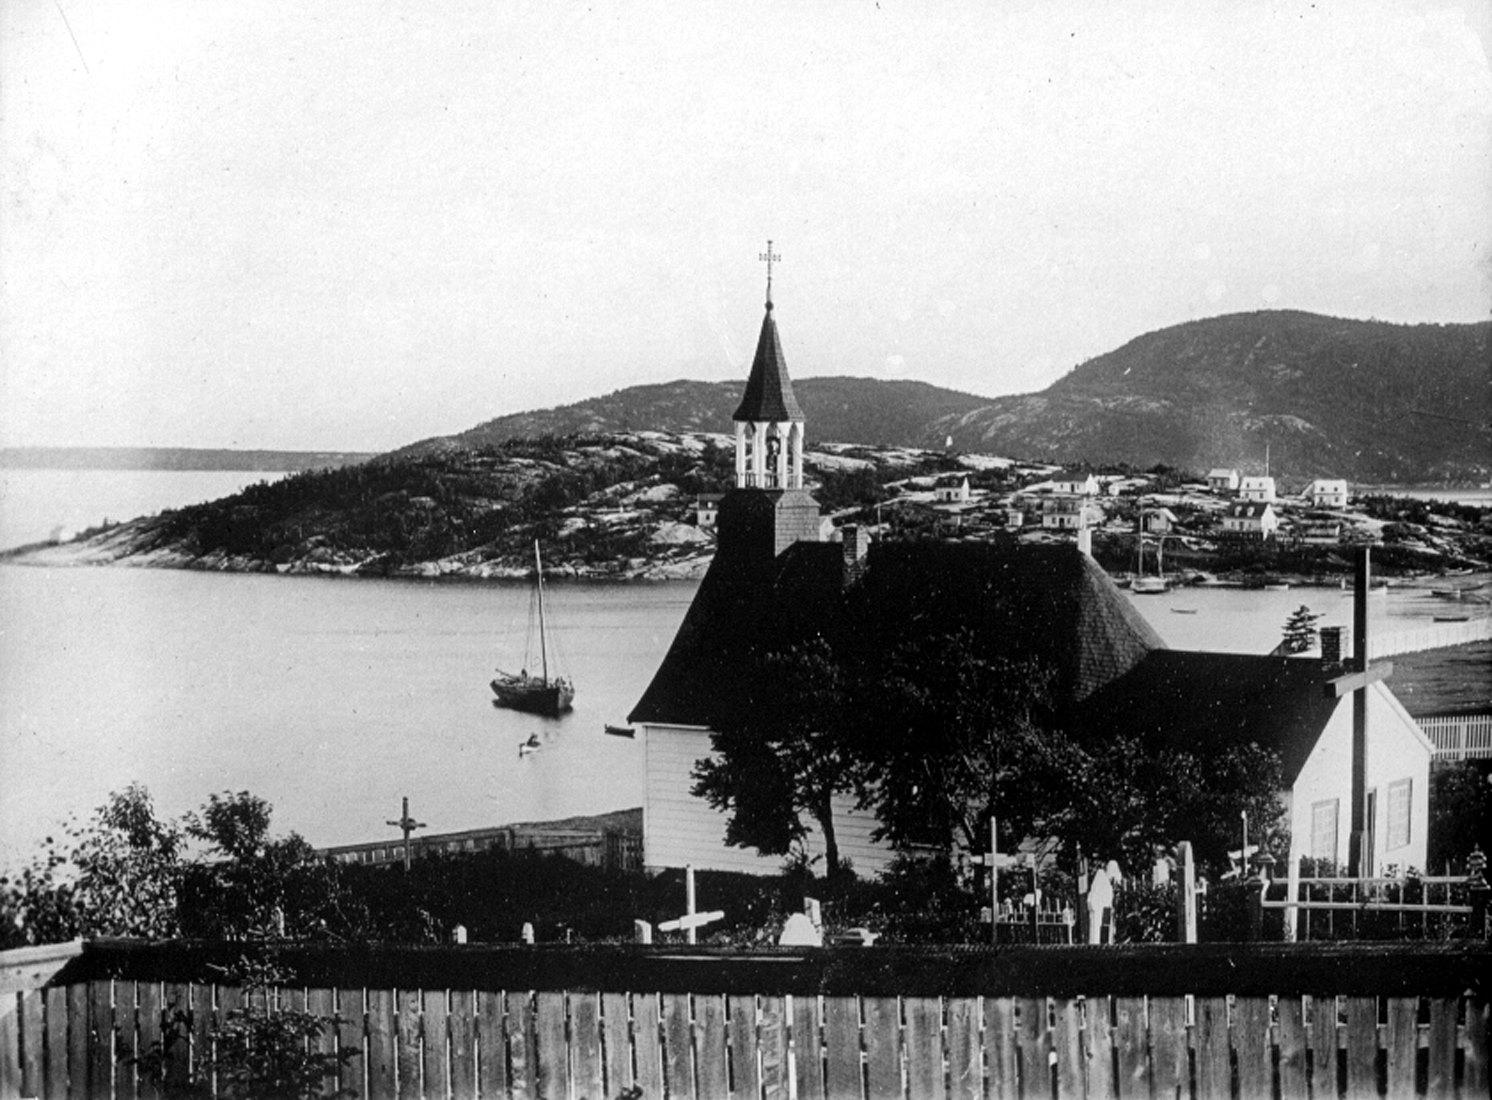 Une chapelle et son cimetière surplombent une baie, où sont amarrées des embarcations, dont deux bateaux à voile.